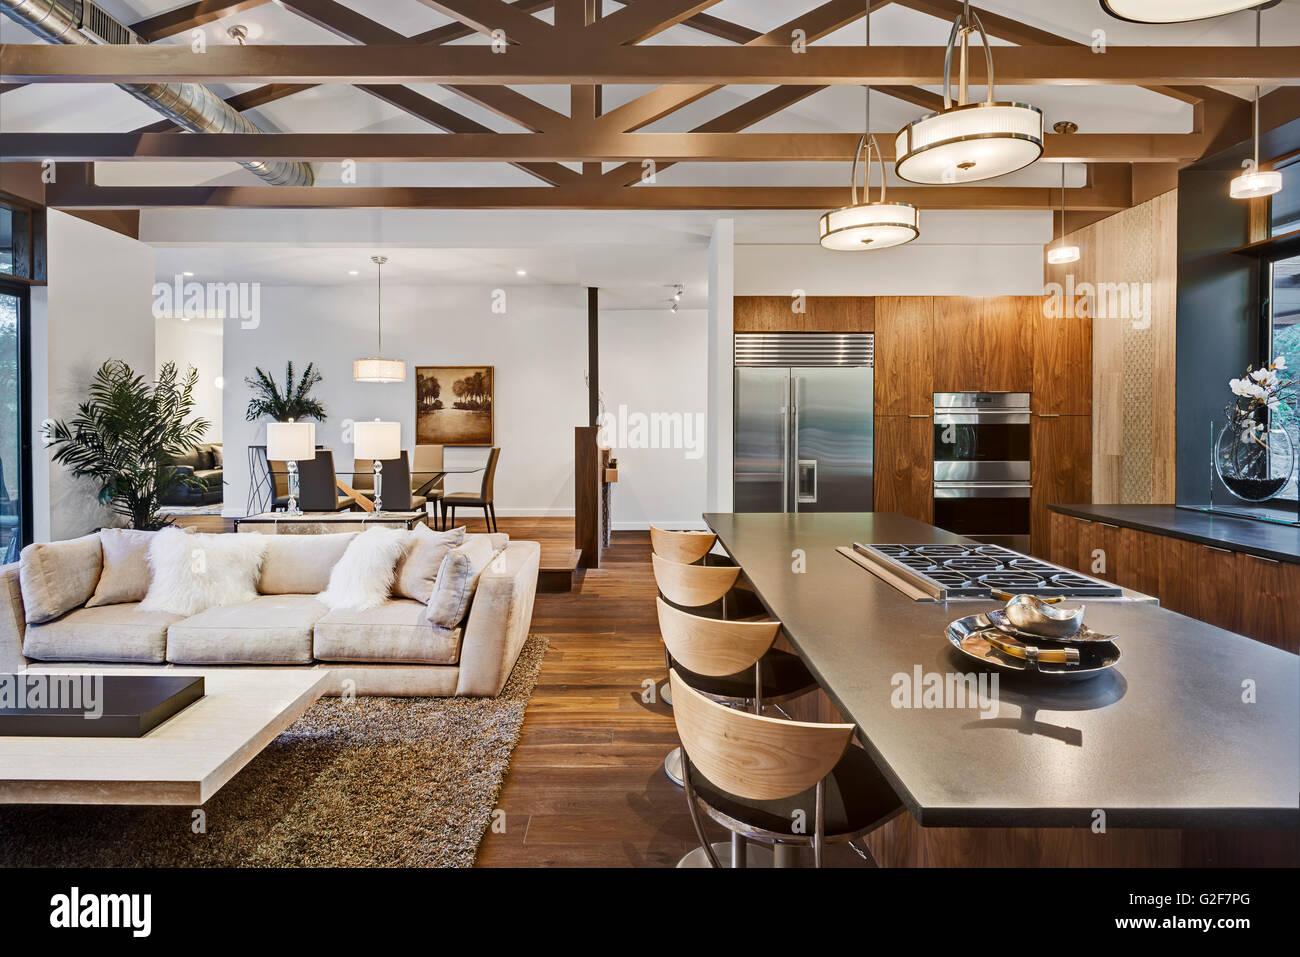 Offener Grundriss des Hauses mit Küche, Wohnzimmer und ...